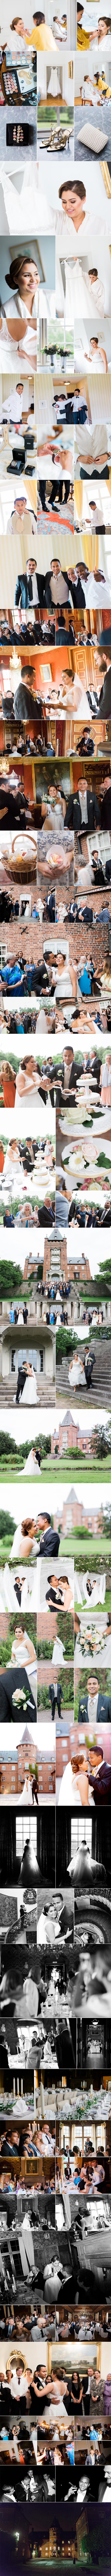 Sarah och David, 15:e augusti 2015, Trollenäs slott, Eslöv. Bröllopsfotograf Sanna Dolck.